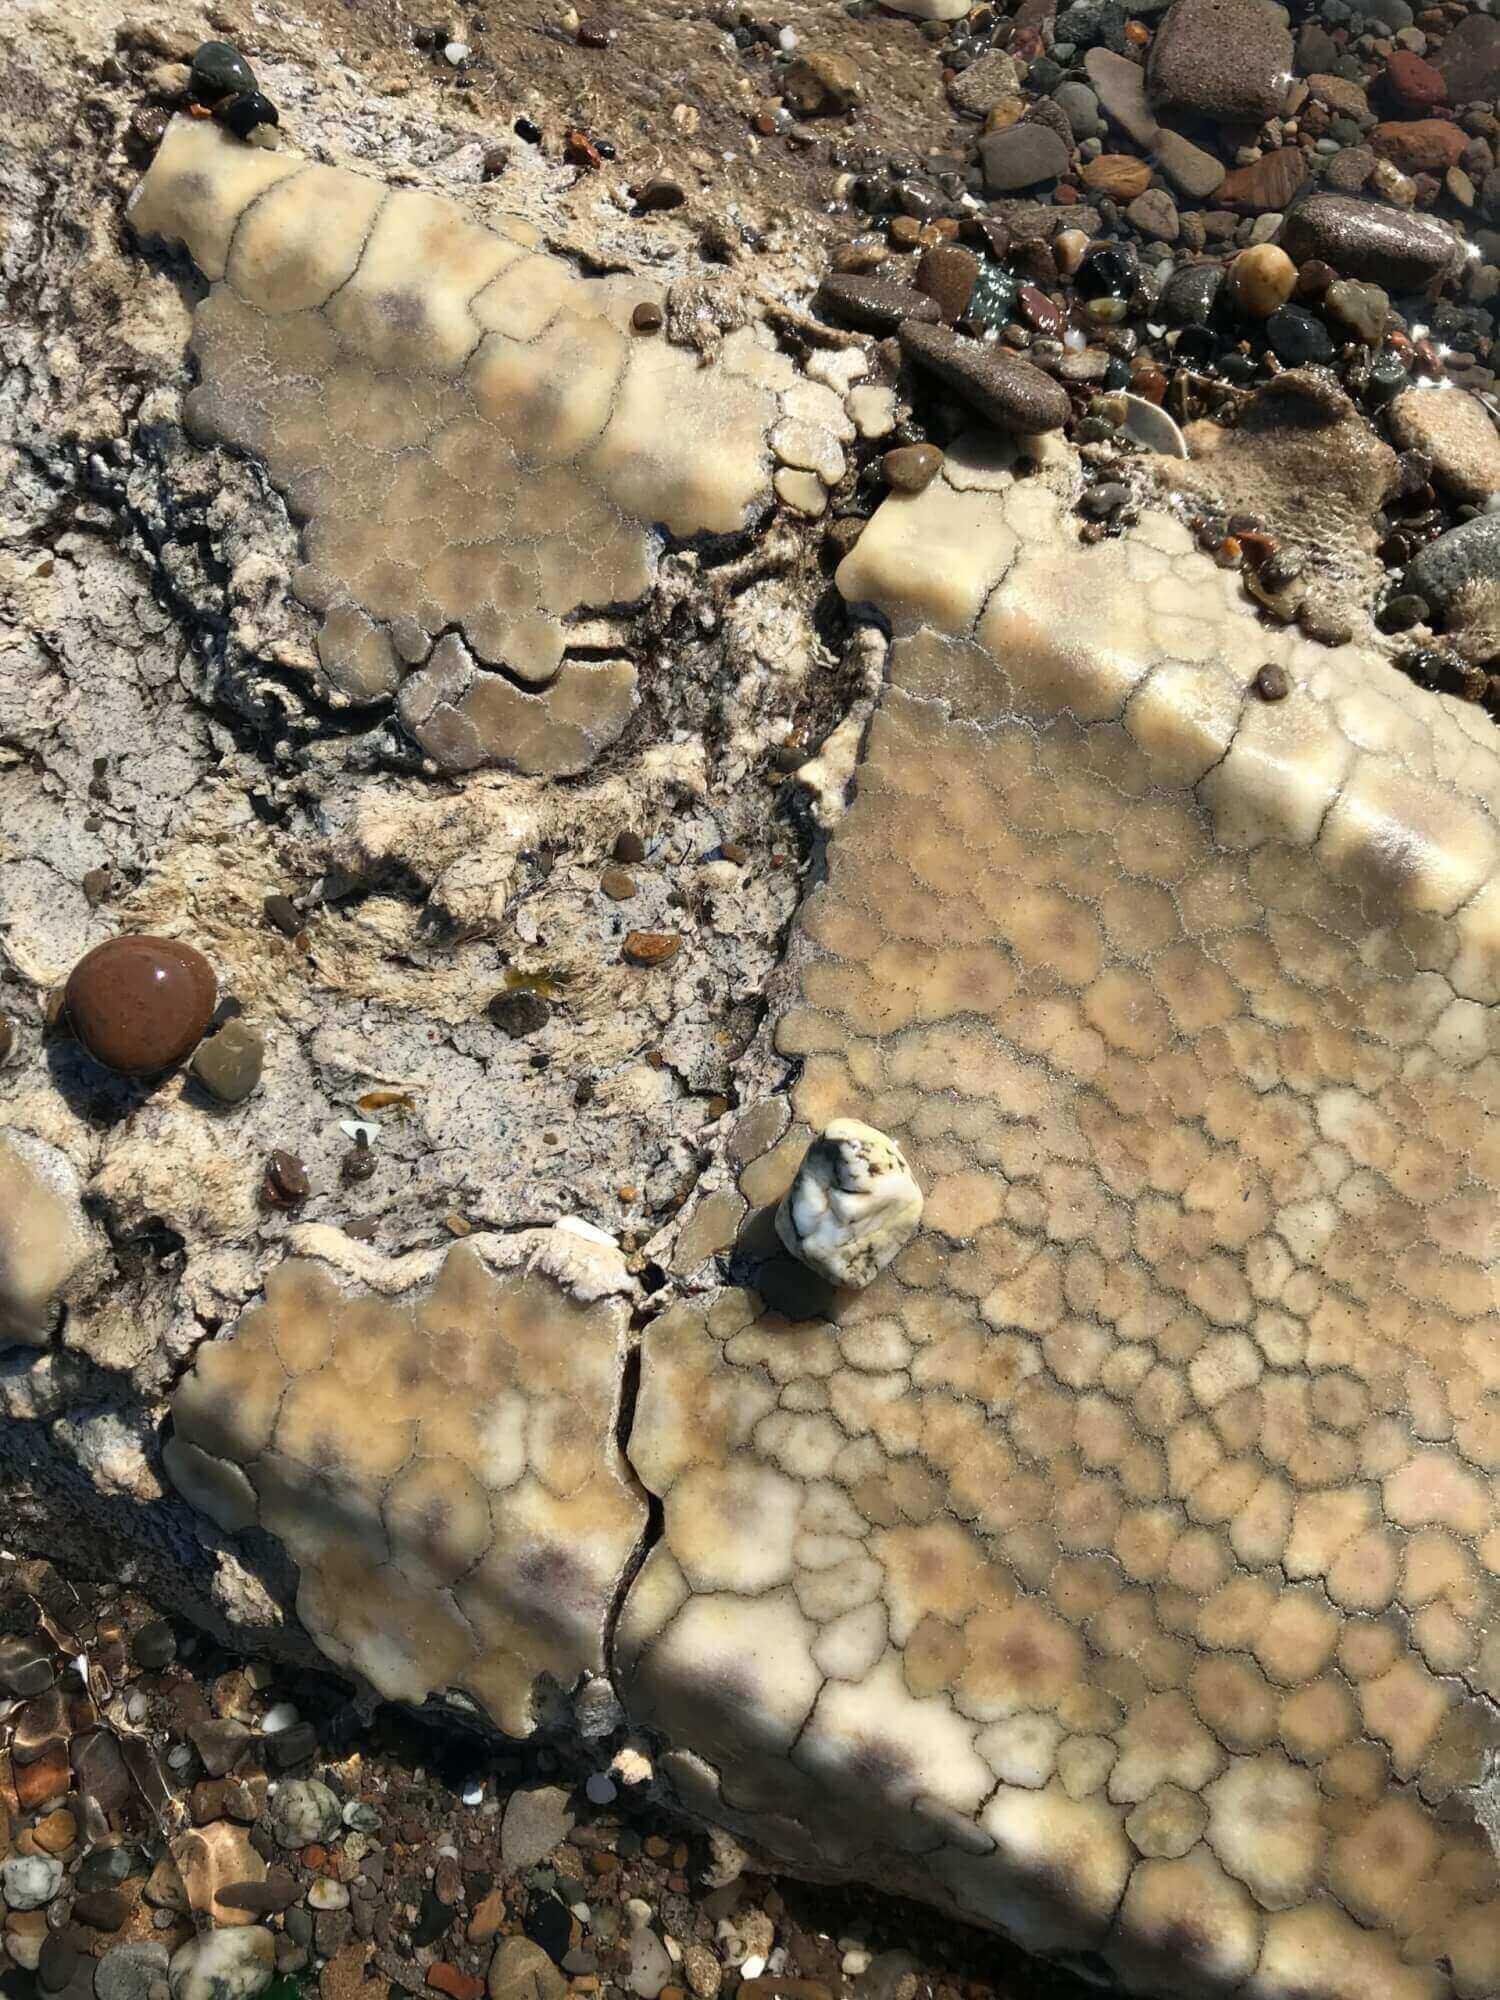 Détails de la carapace de la tortue